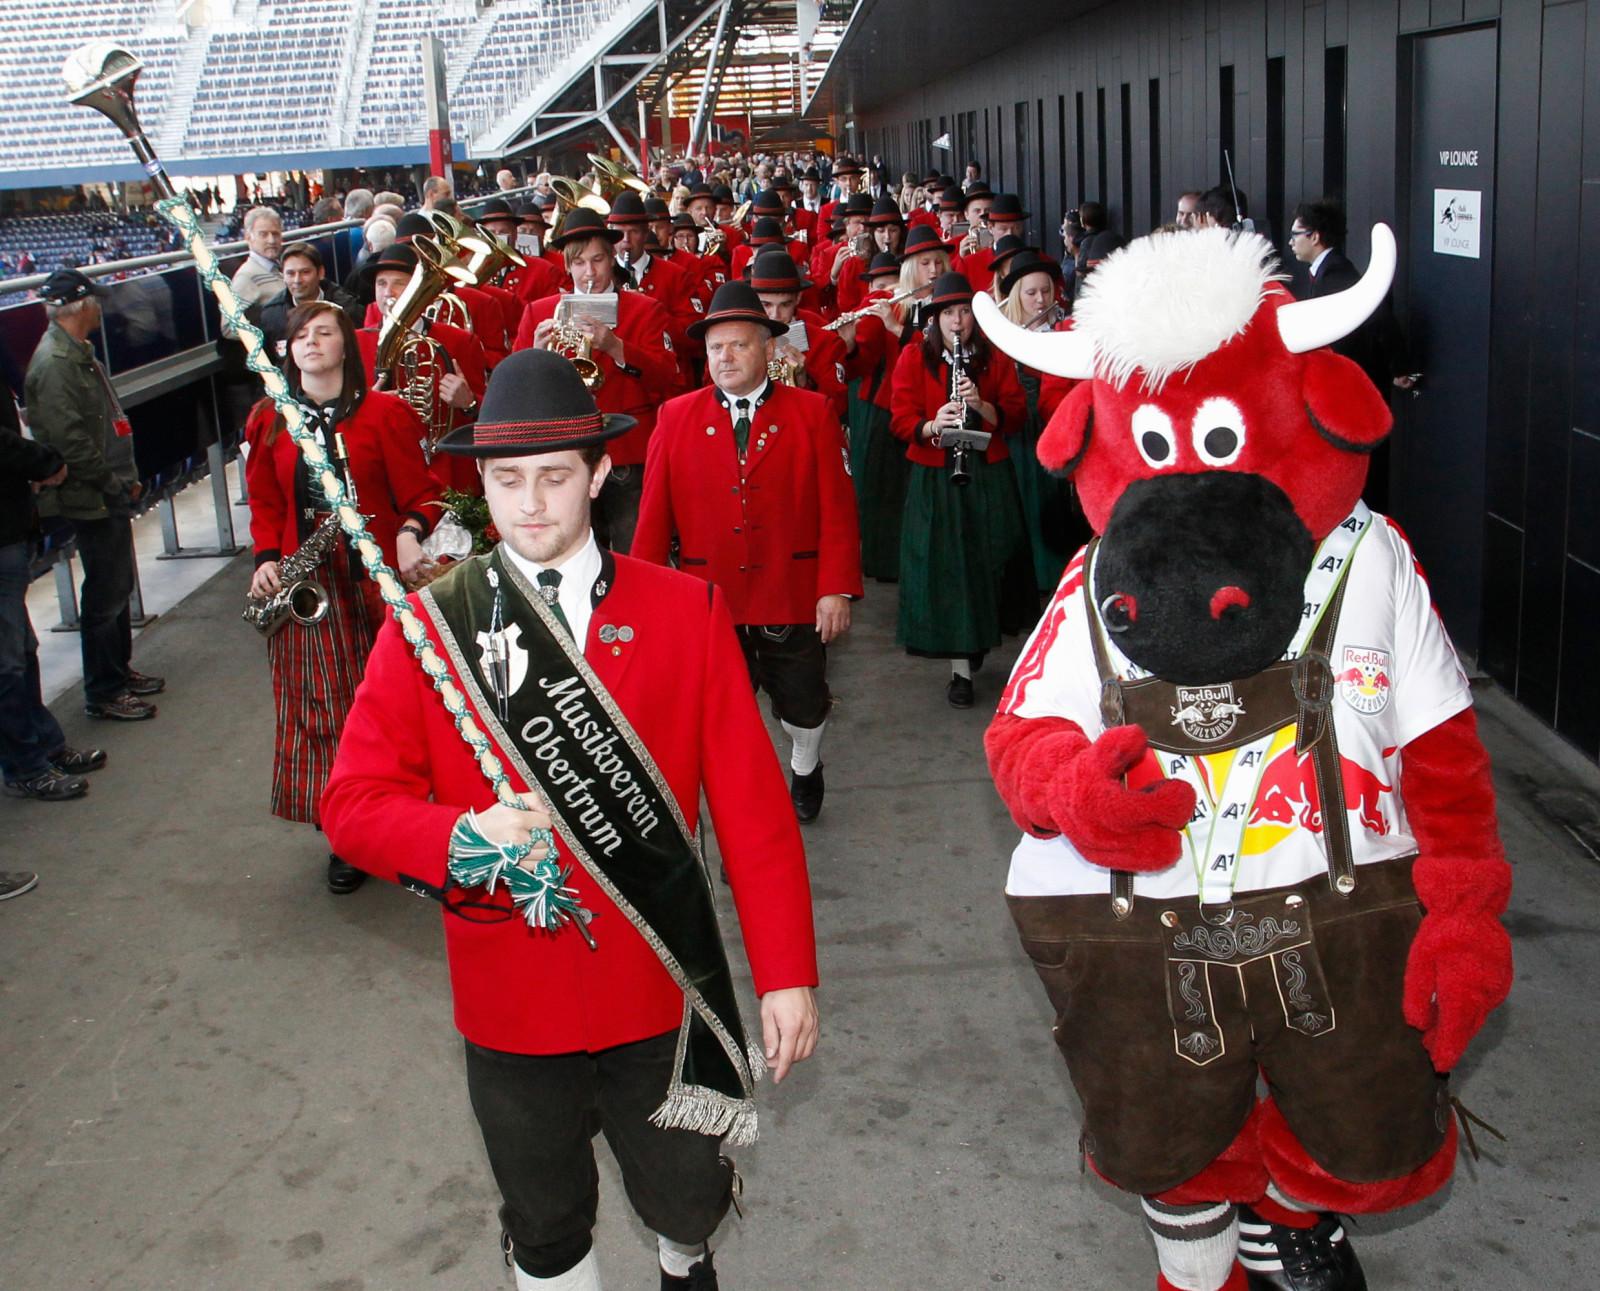 Festlicher Umzug samt dem Red Bull-Maskottchen